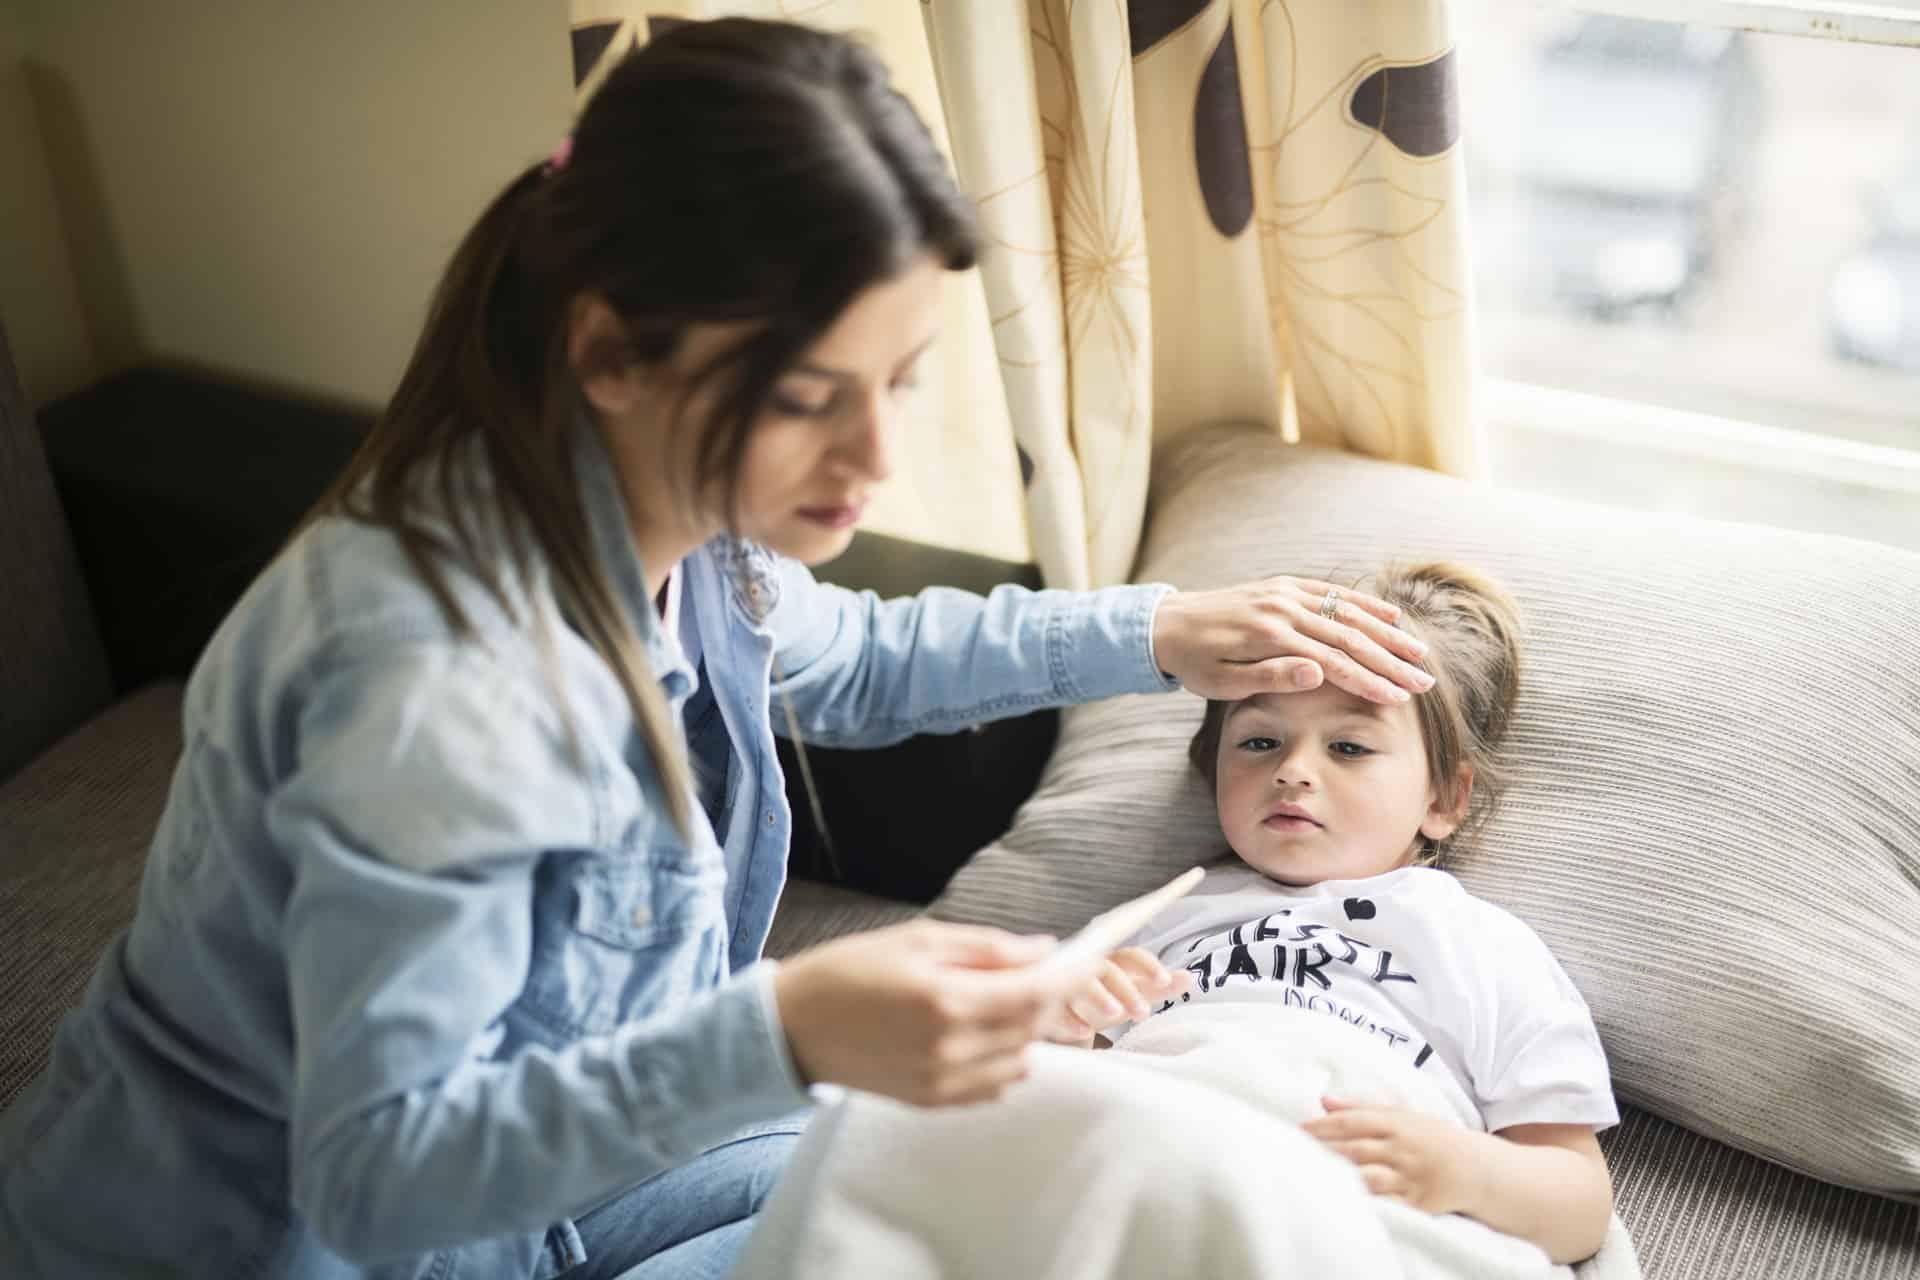 Eerste hulp bij kleine kinderen: 15 wist-je-datjes